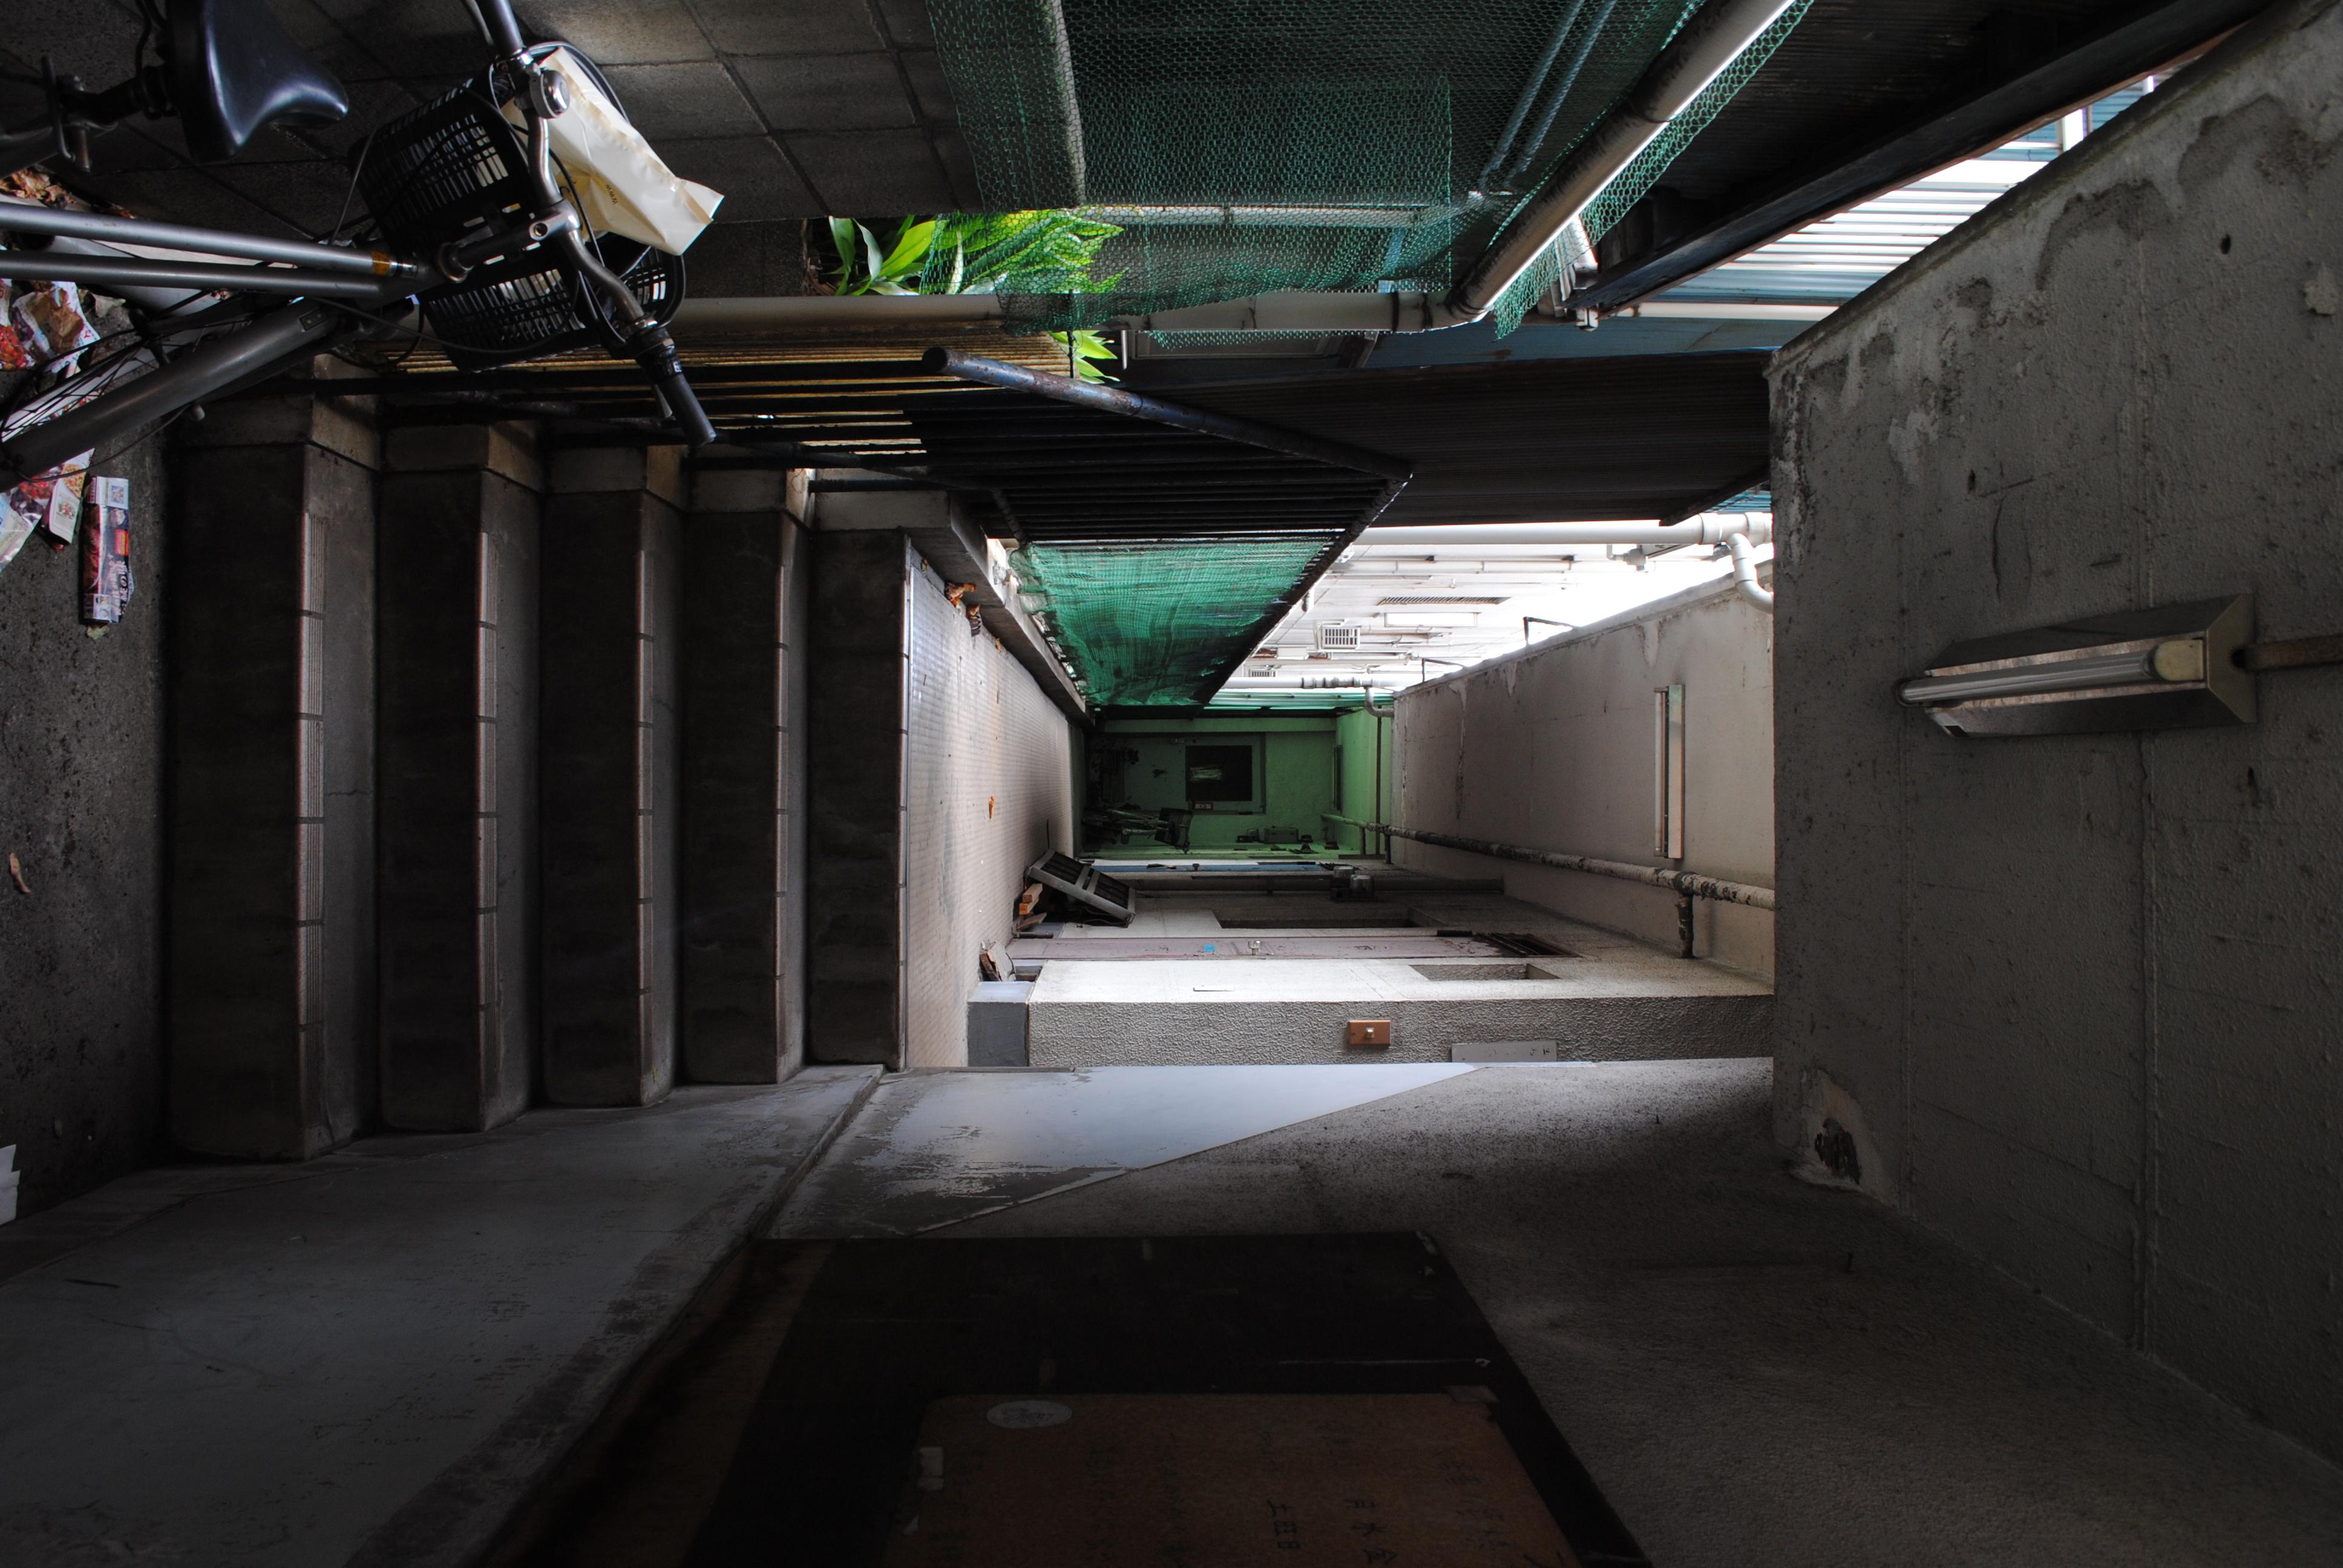 <b>月島にはいかにもな下町風情の家並みもあれば、ぴかぴかのオフィスビルもあるし、古めかしいアパートも残っていたりするのが面白い<br>AF-S DX NIKKOR 18-55mm F3.5-5.6 G VR / 3,872×2,592 / 1/13秒 / F8 / -1EV / ISO200 / WB:オート / 18mm</b>